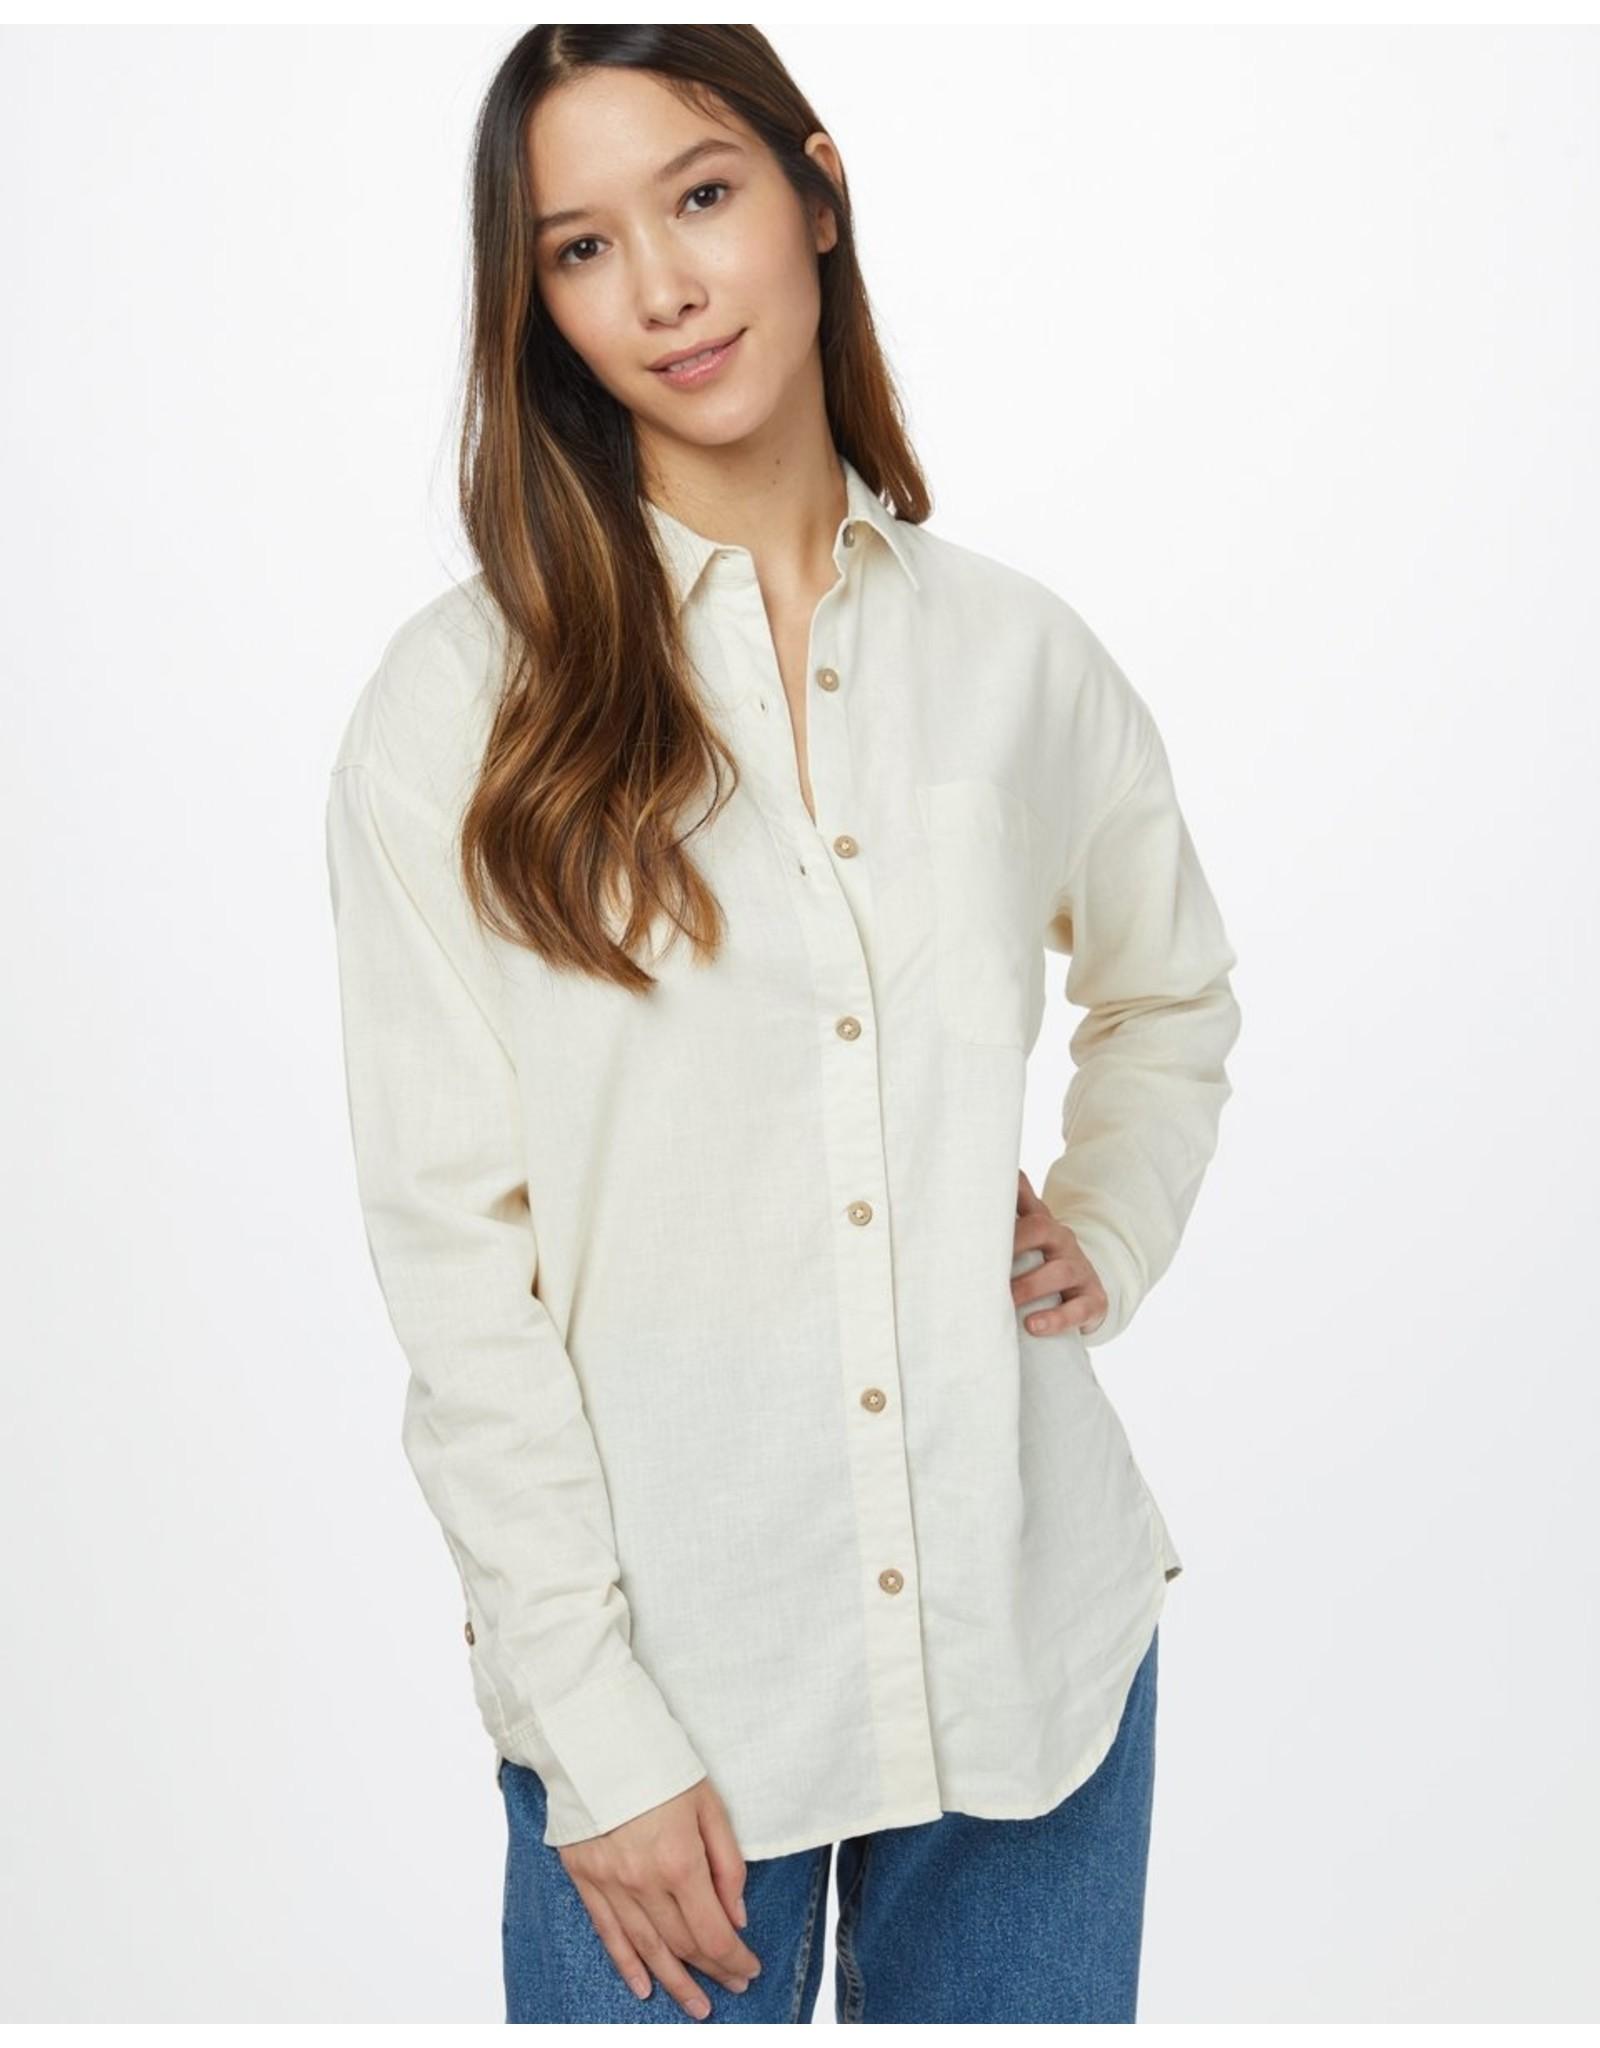 Tentree Katsura Shirt